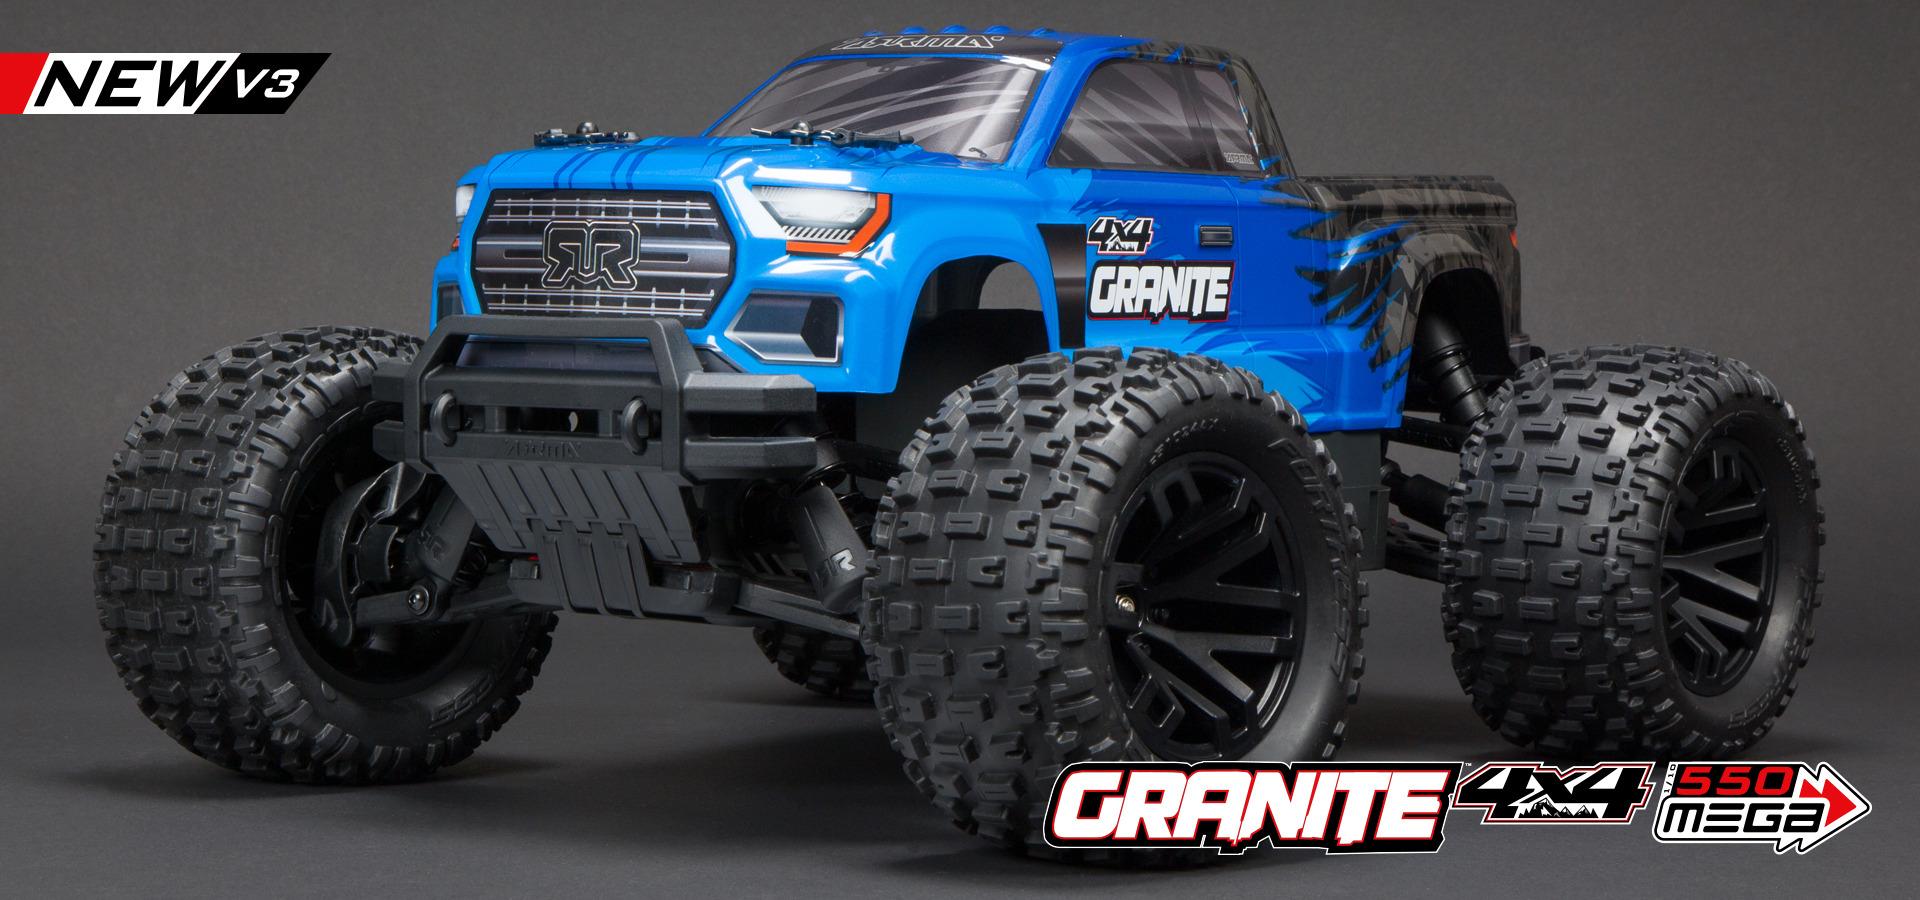 Arrma Granite Mega 1:10 4WD RTR